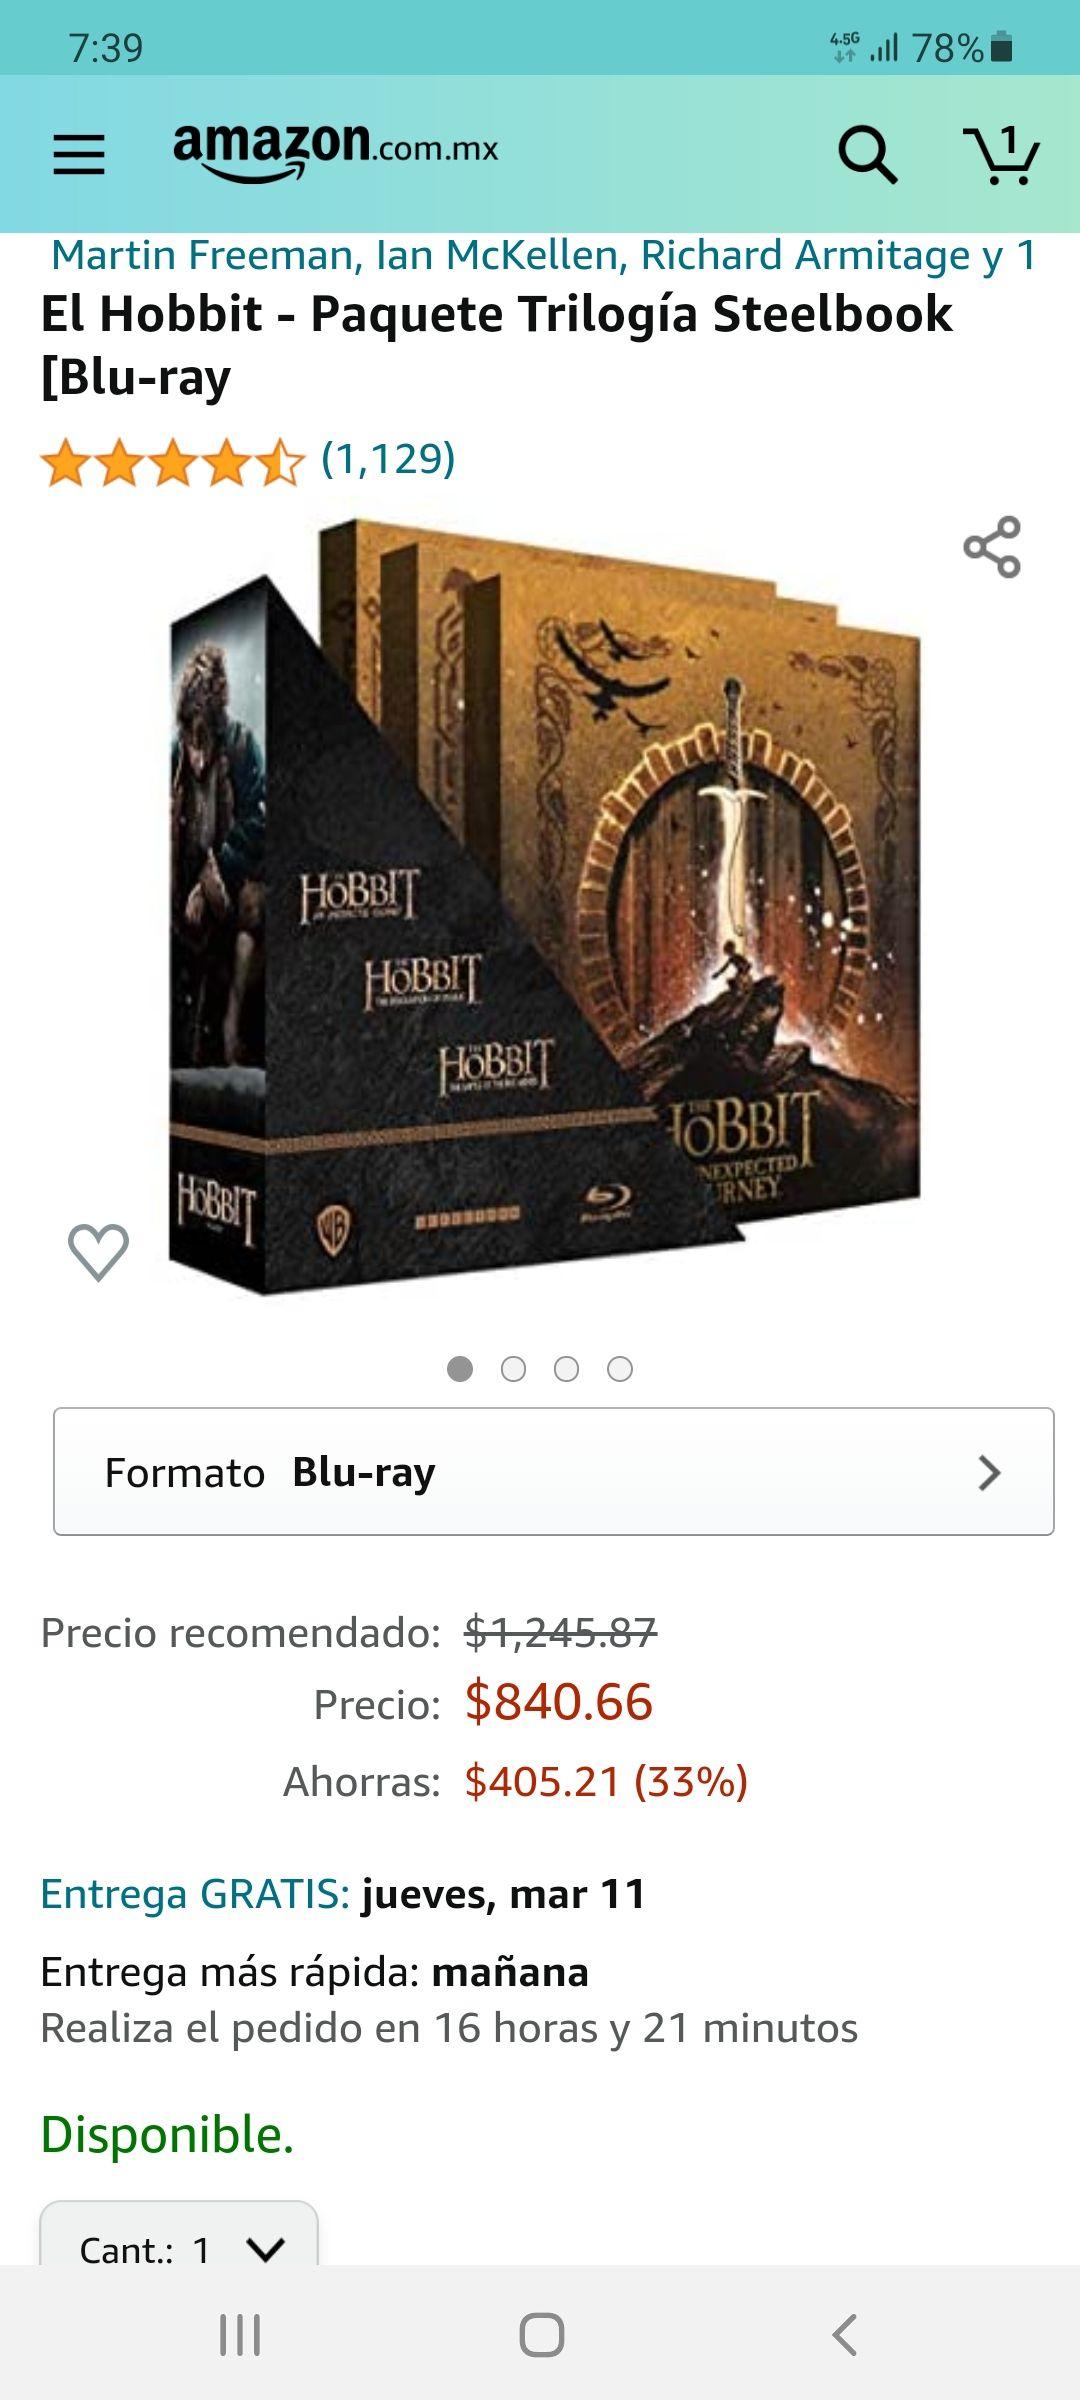 Amazon: El Hobbit - Paquete Trilogía Steelbook [Blu-ray]